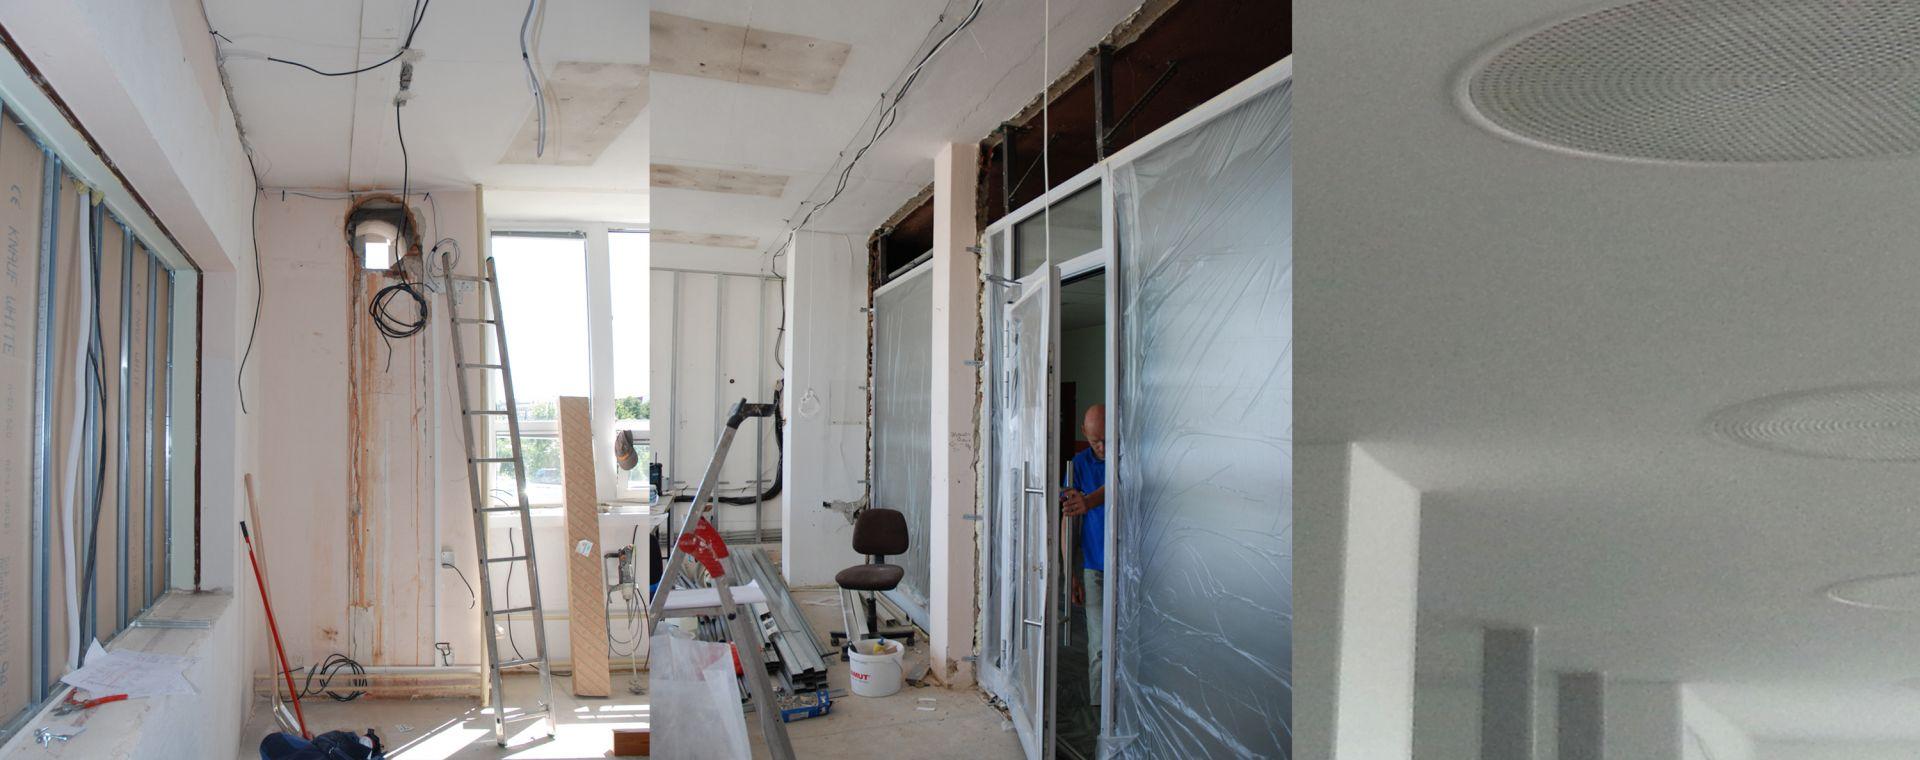 Realizace rekonstrukce optiky ve Žďáře nad Sázavou, kraj Vysočina, 2011-2013, CZ